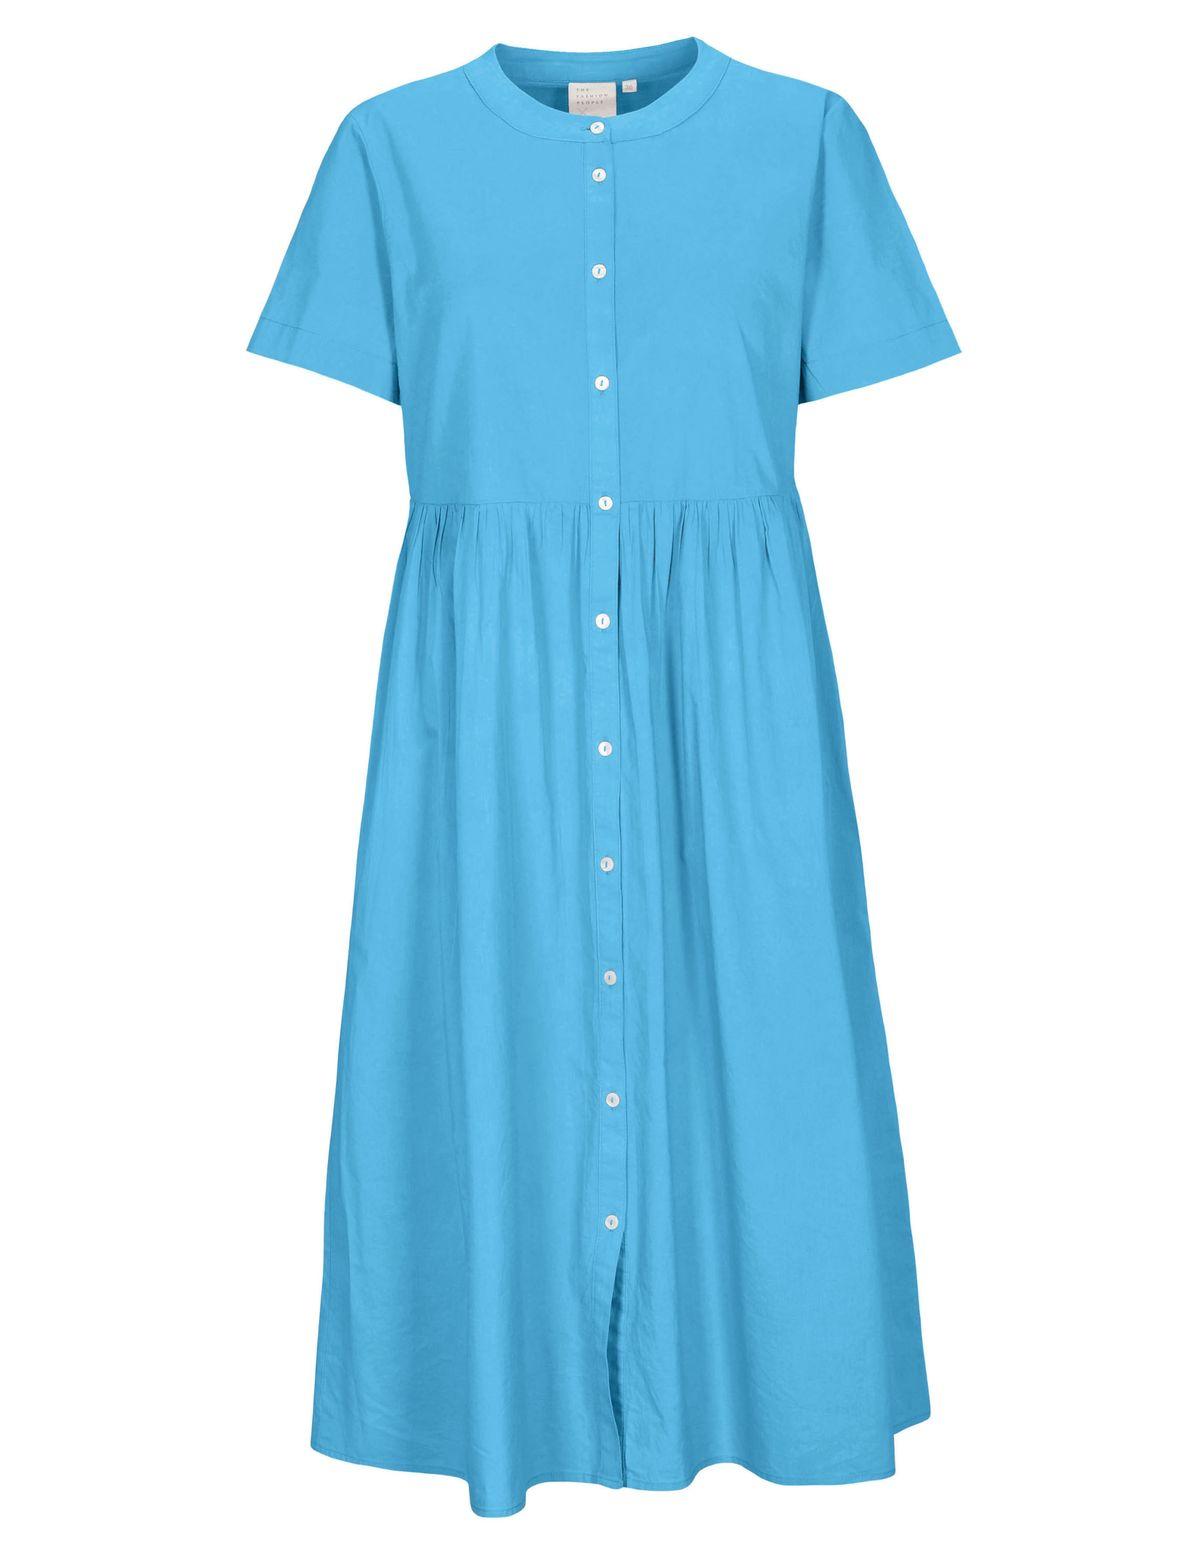 Kleid Organic Cotton mit durchgehender Knopfleiste - Pacific Blue